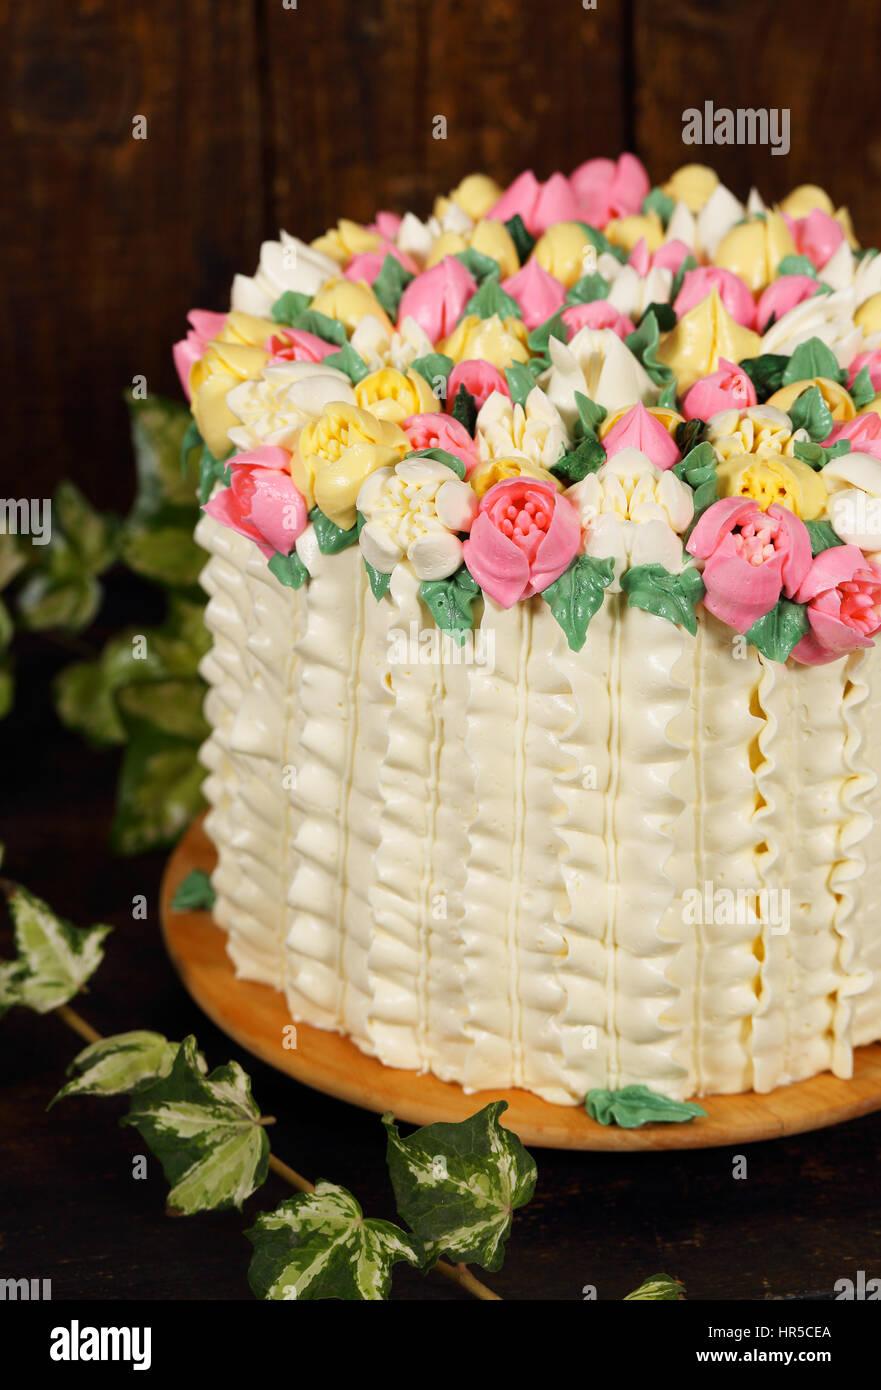 Hermoso pastel con decoraci n de primavera canasta de tulipanes para el d a de san valent n y - Decoracion para el dia de la madre ...